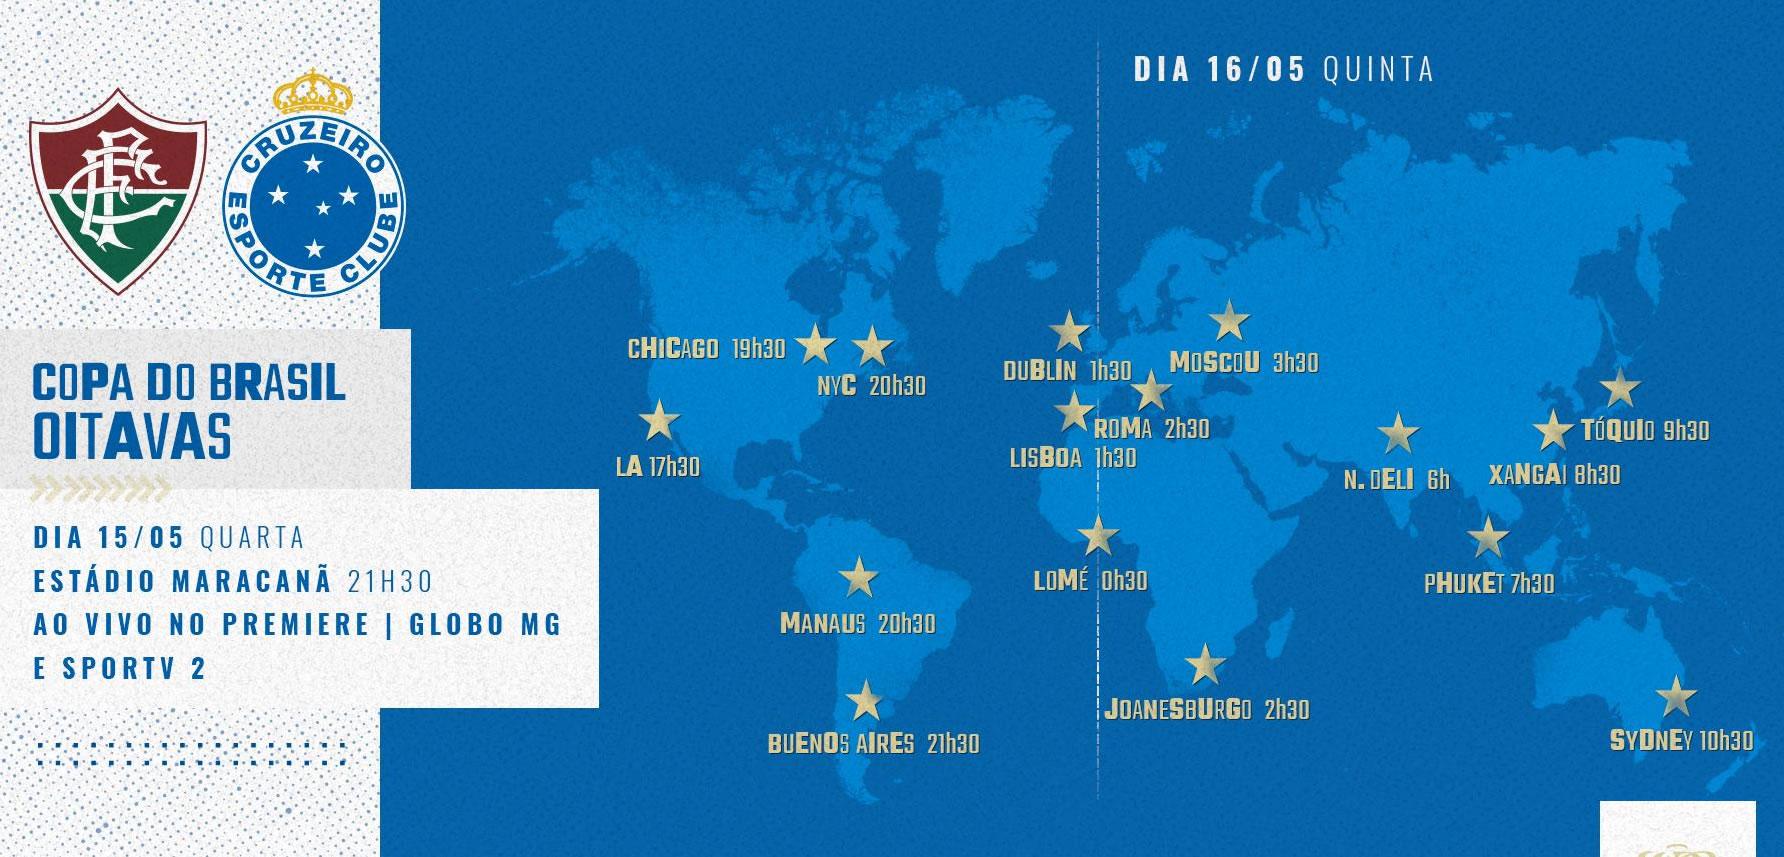 horários do jogo fluminense x Cruzeiro ao vivo pelo mundo